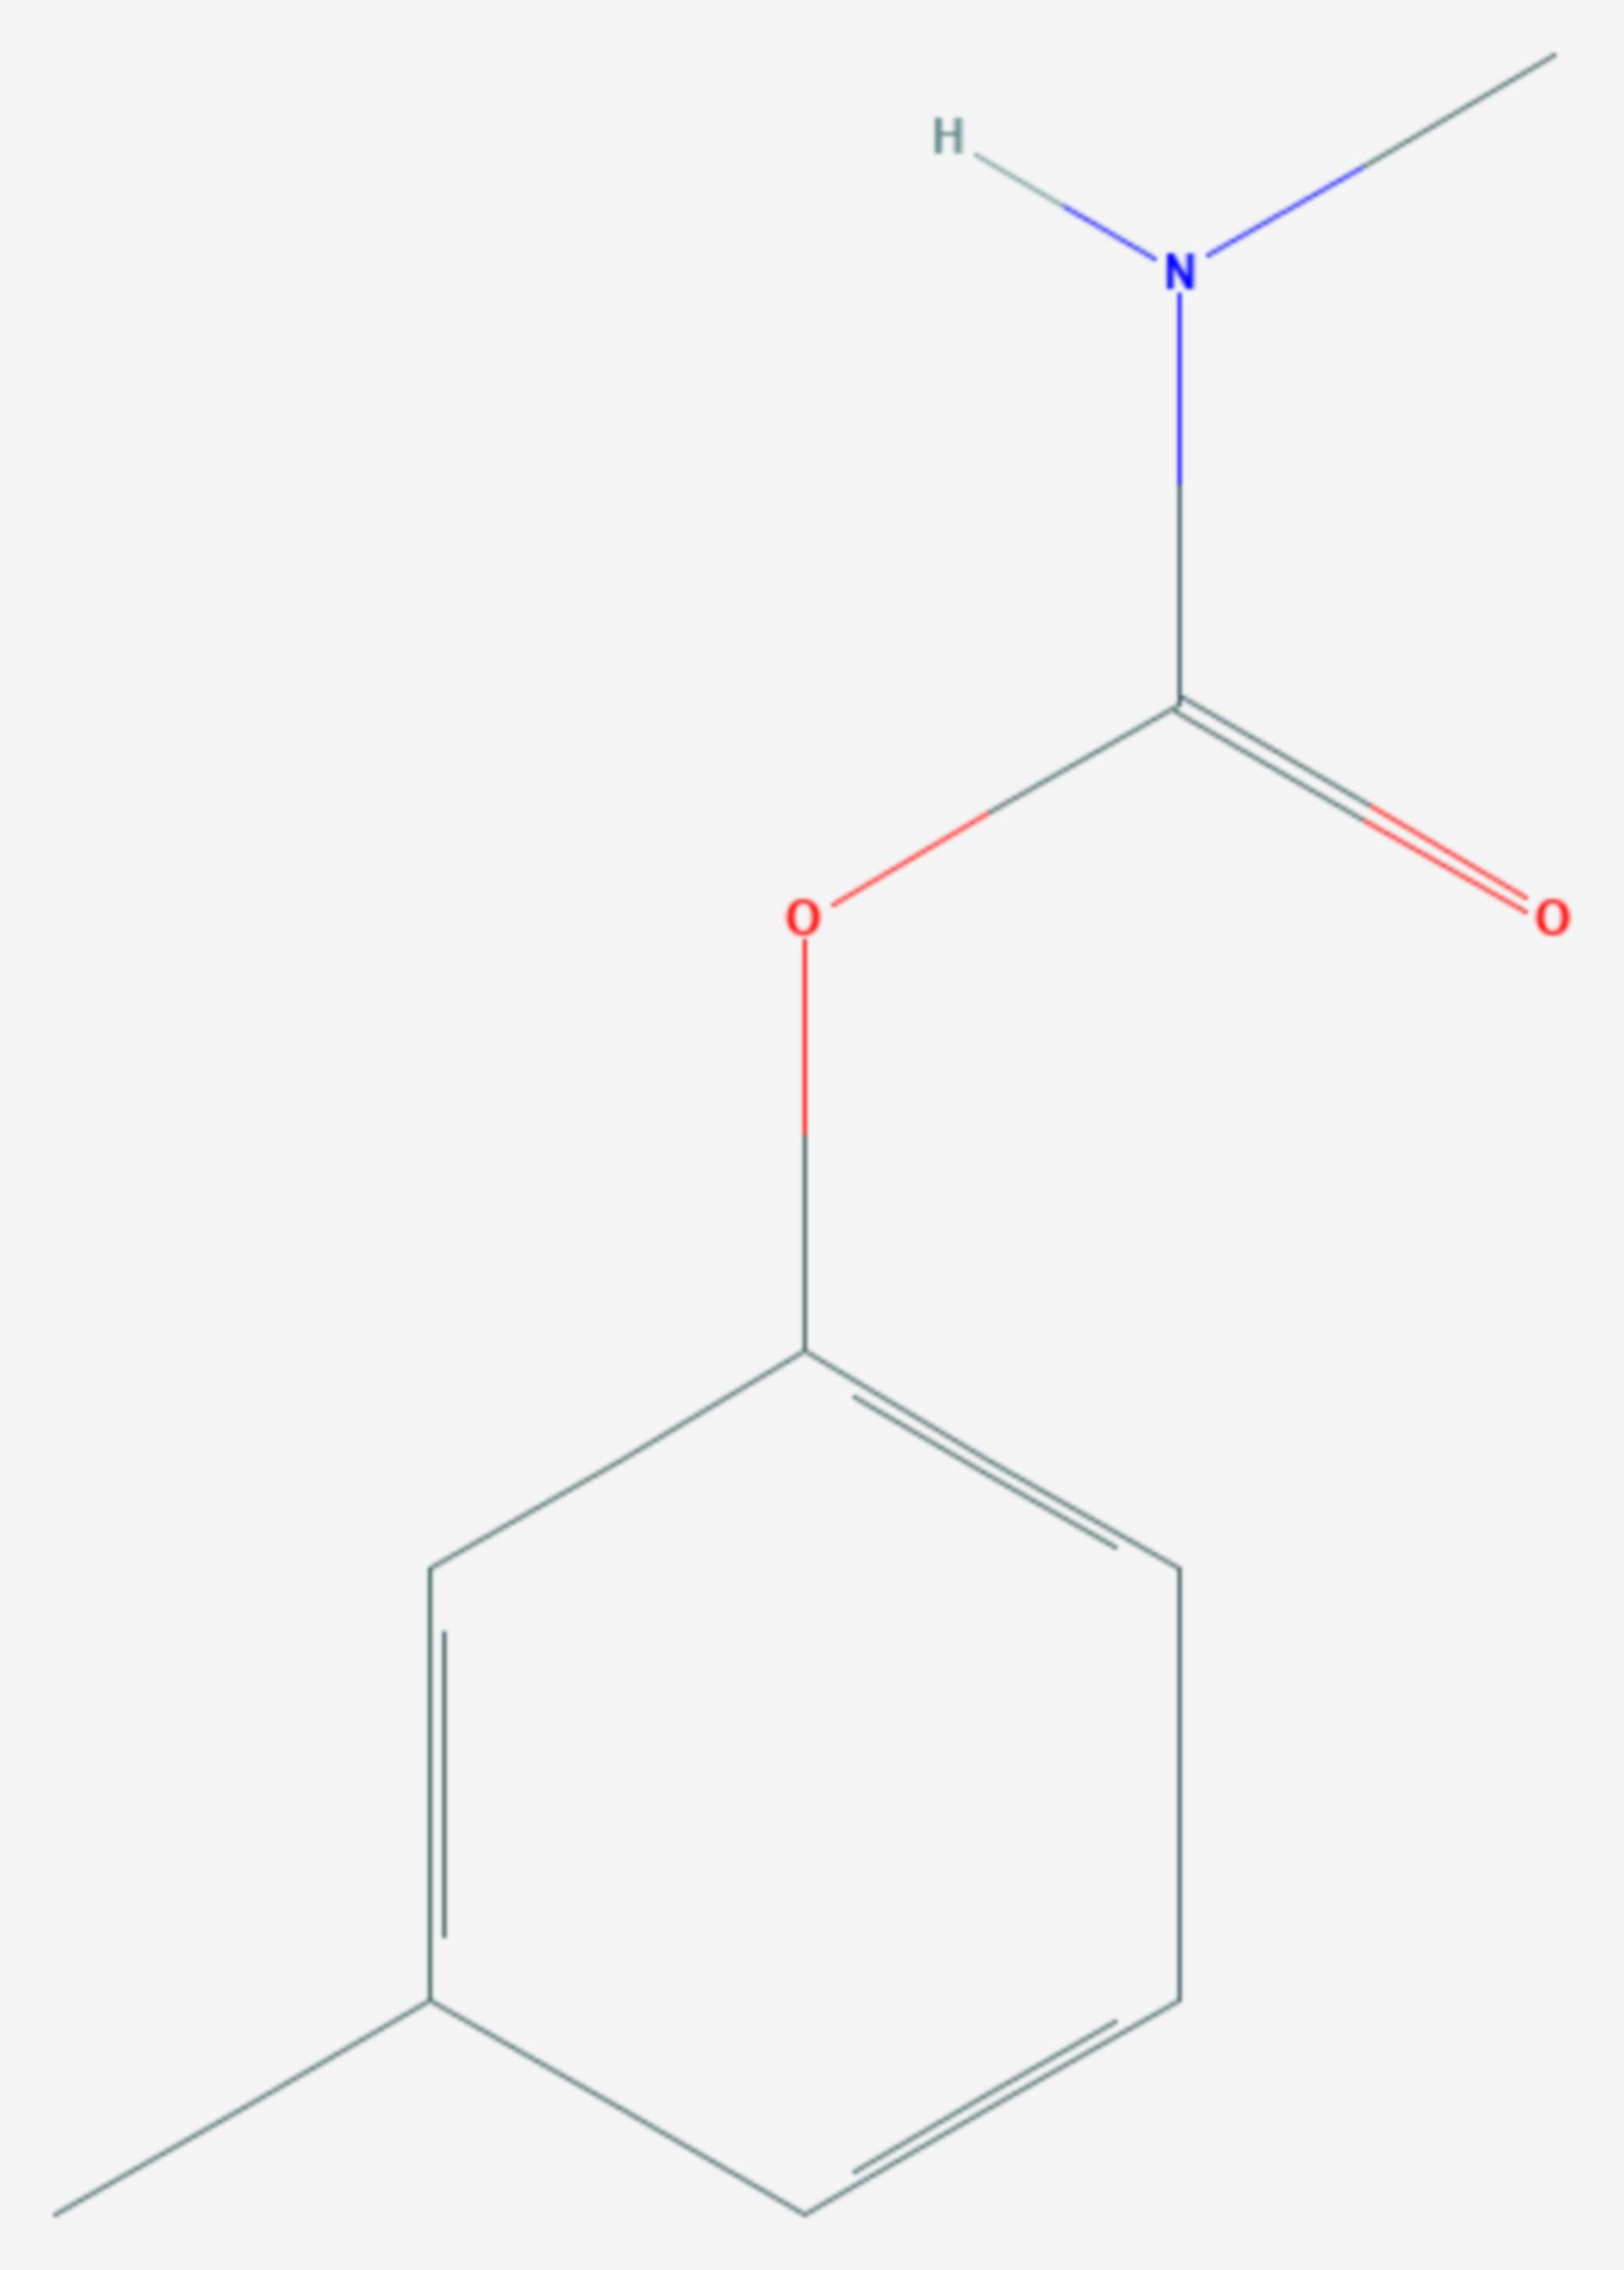 Metolcarb (Strukturformel)